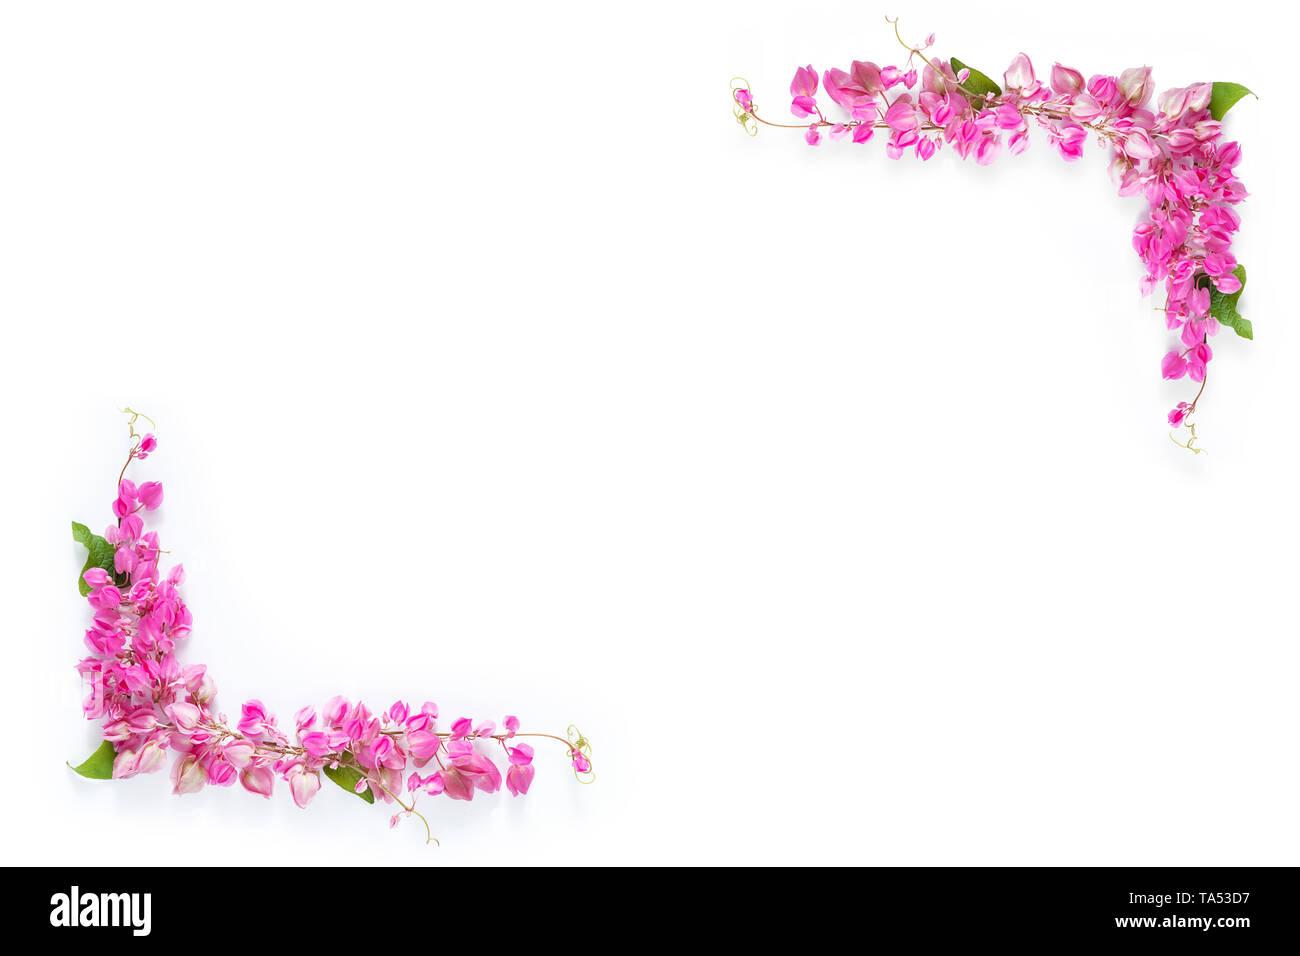 Rosa fiori floreali telaio di frontiera come angolo su sfondo bianco con spazio di copia Foto Stock